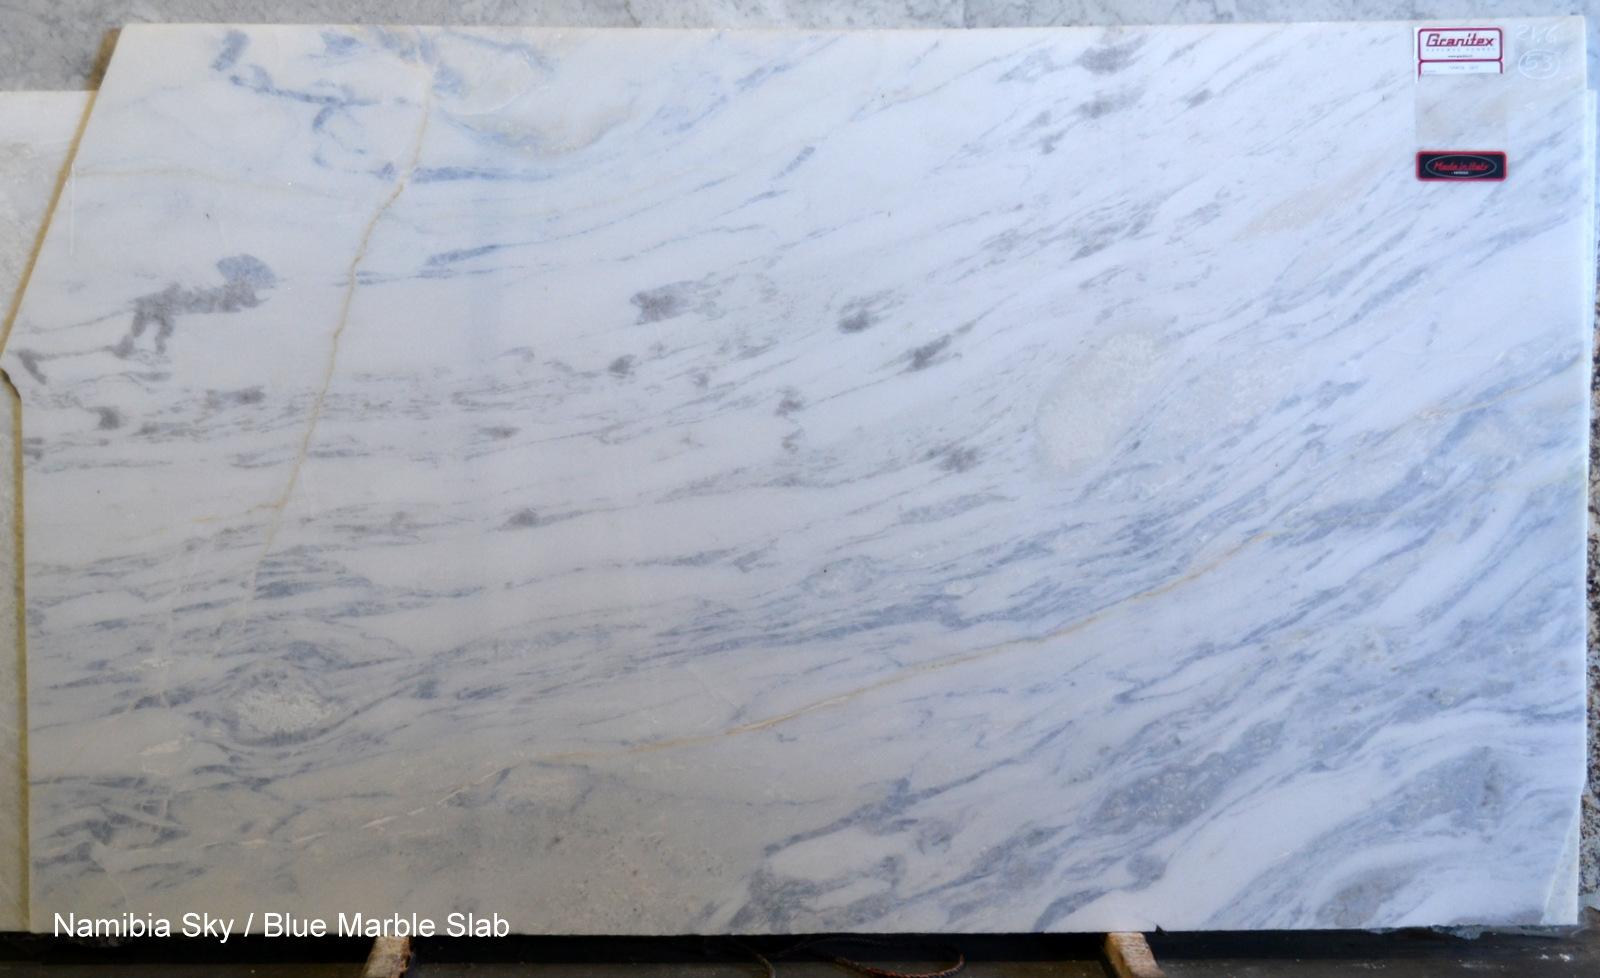 Blue Marble Slab : Blue marble slab images